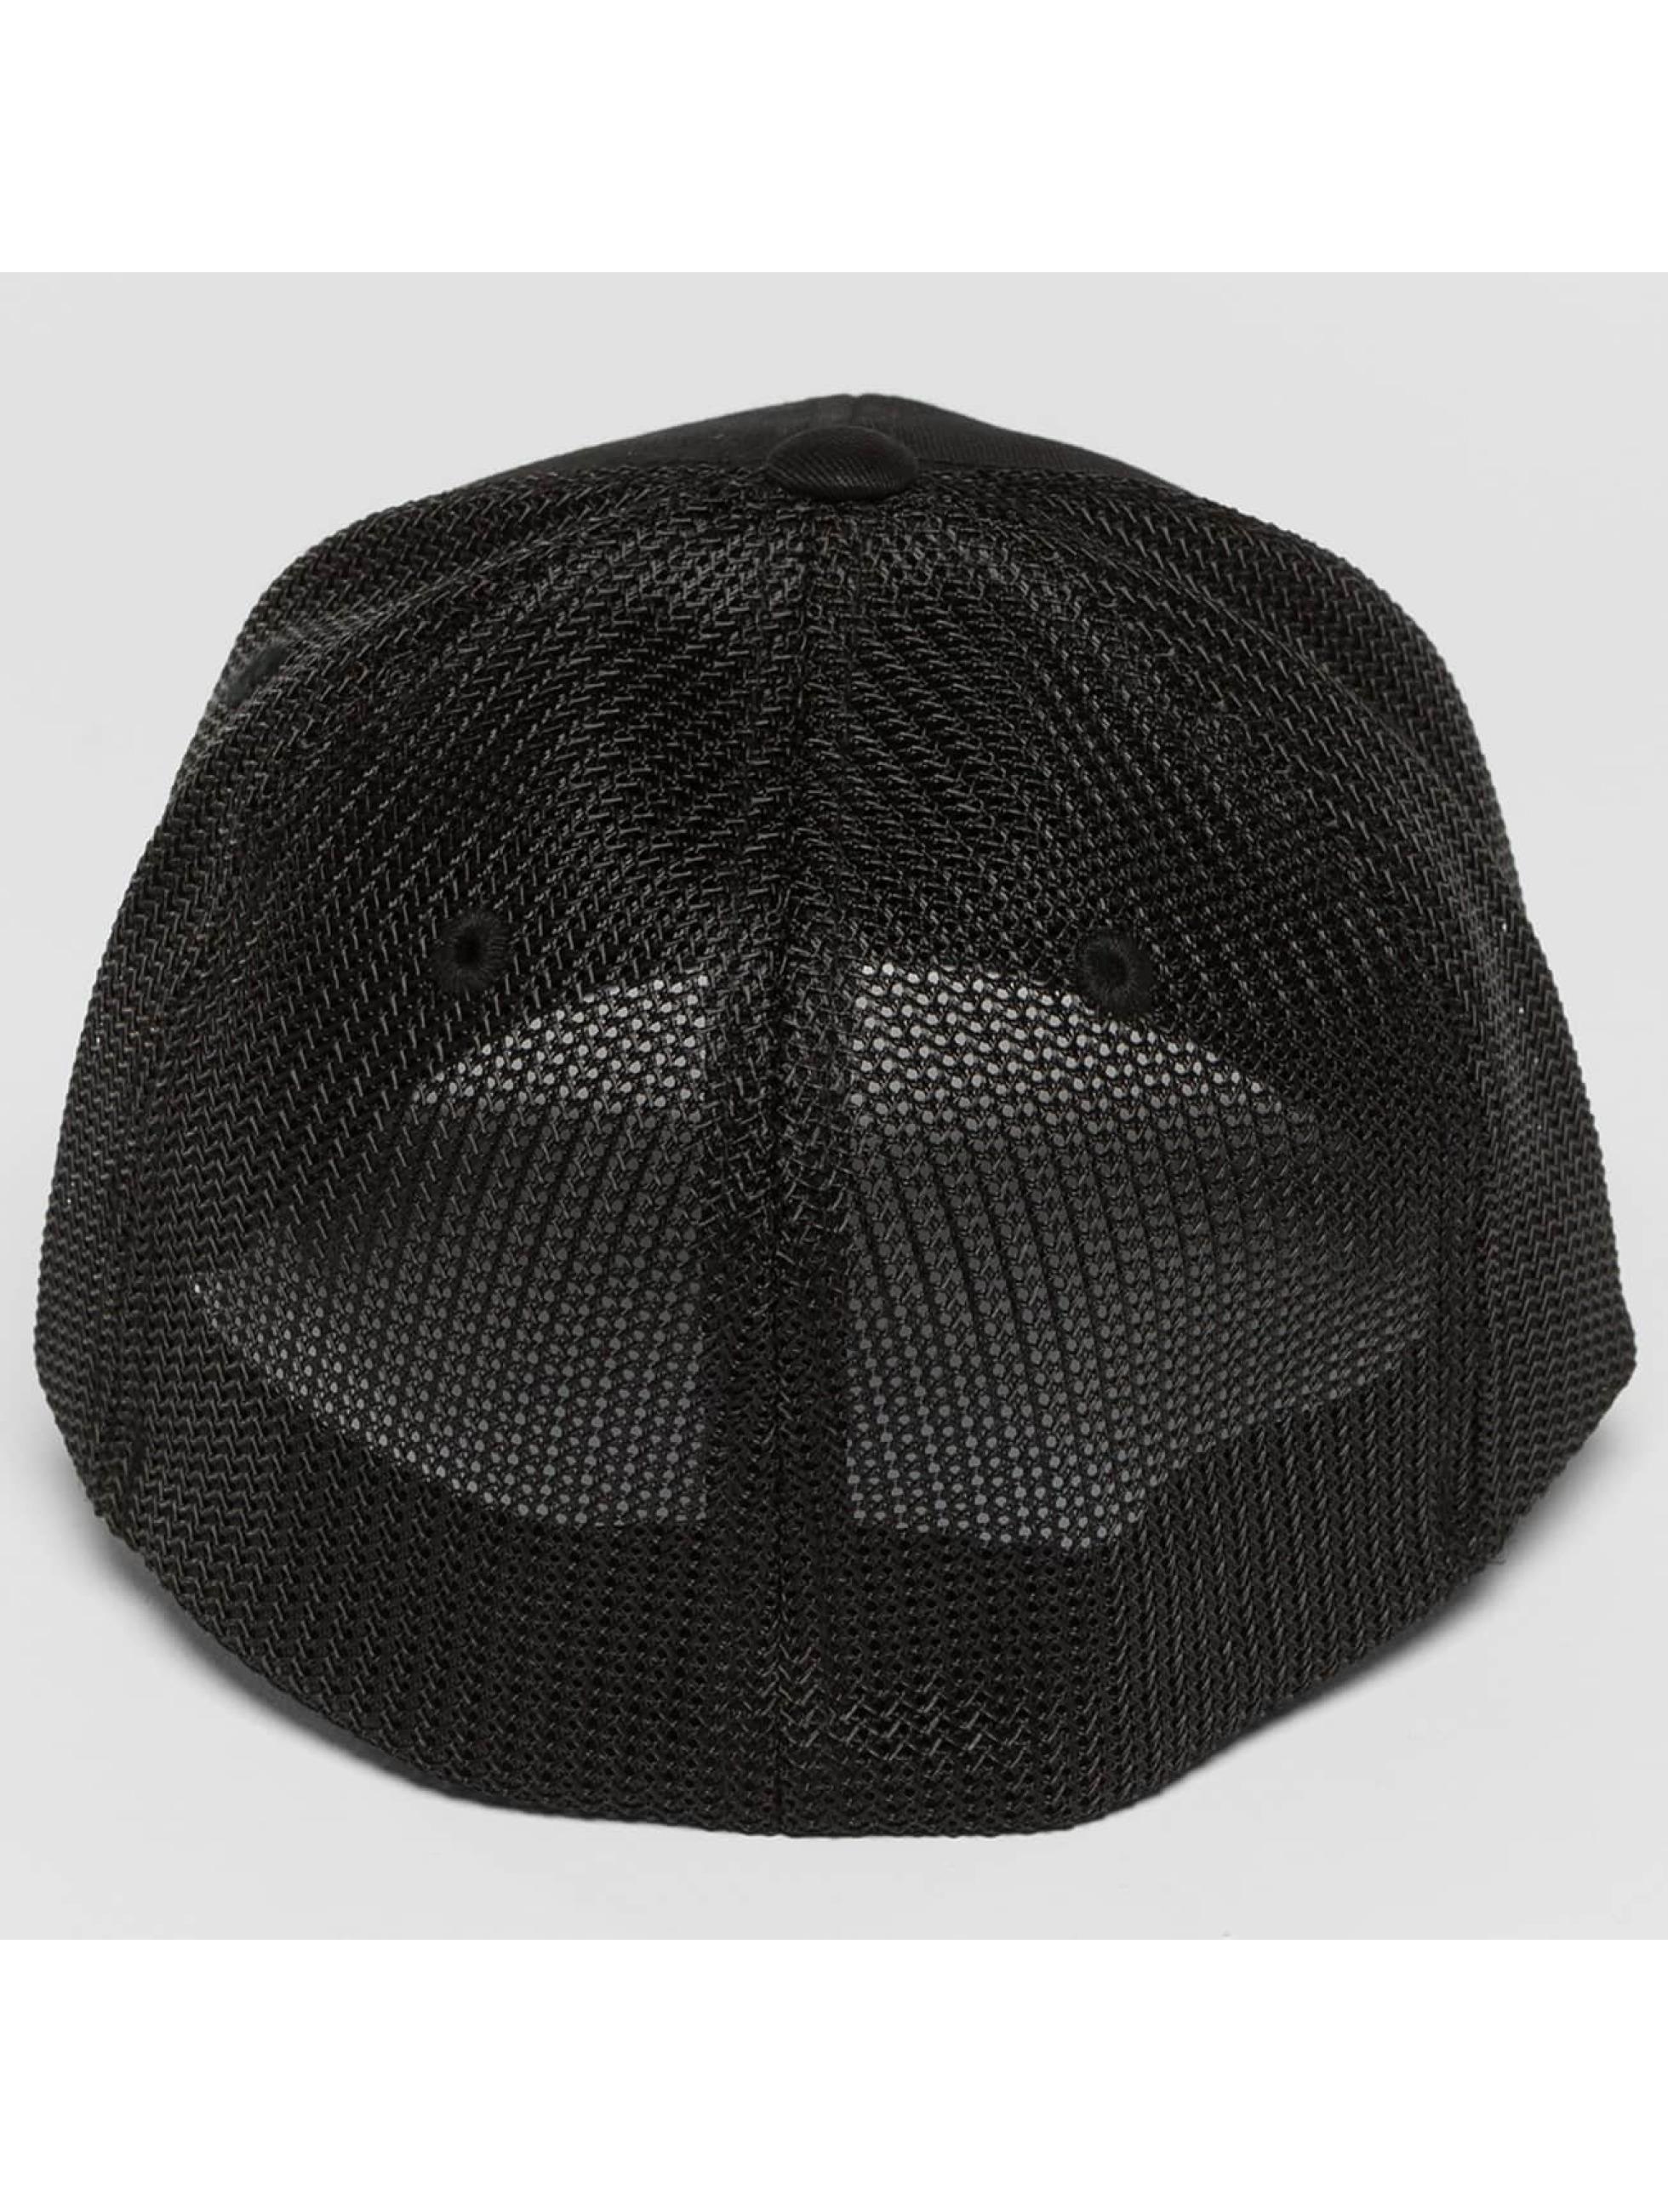 Hechbone Casquette Flex Fitted Mesh noir